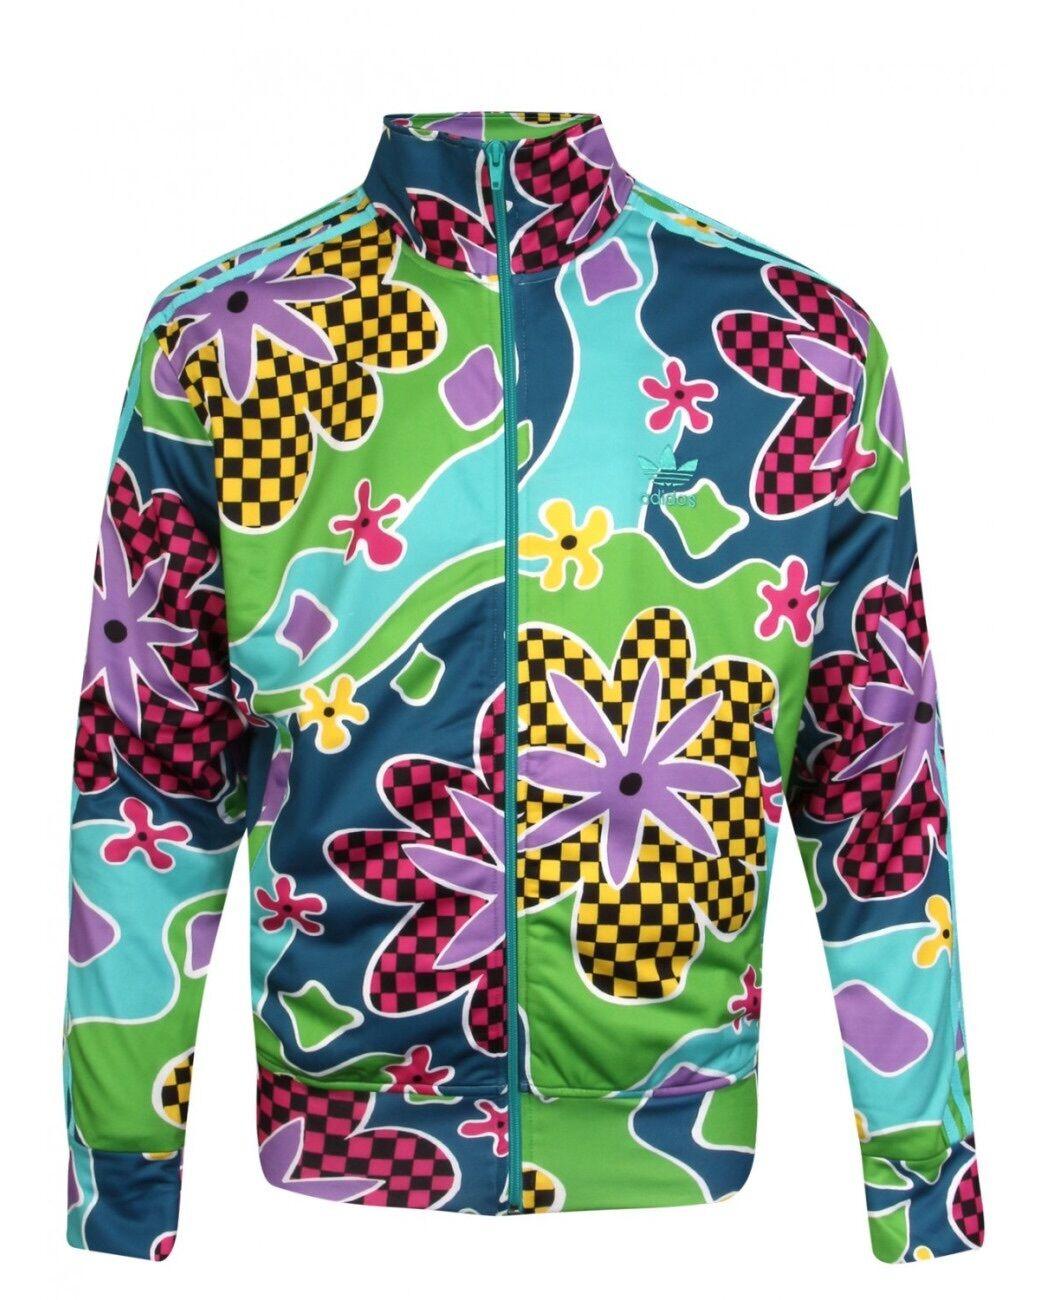 Adidas & Jeremy Scott Psychédélique Floral Survêtement Vif